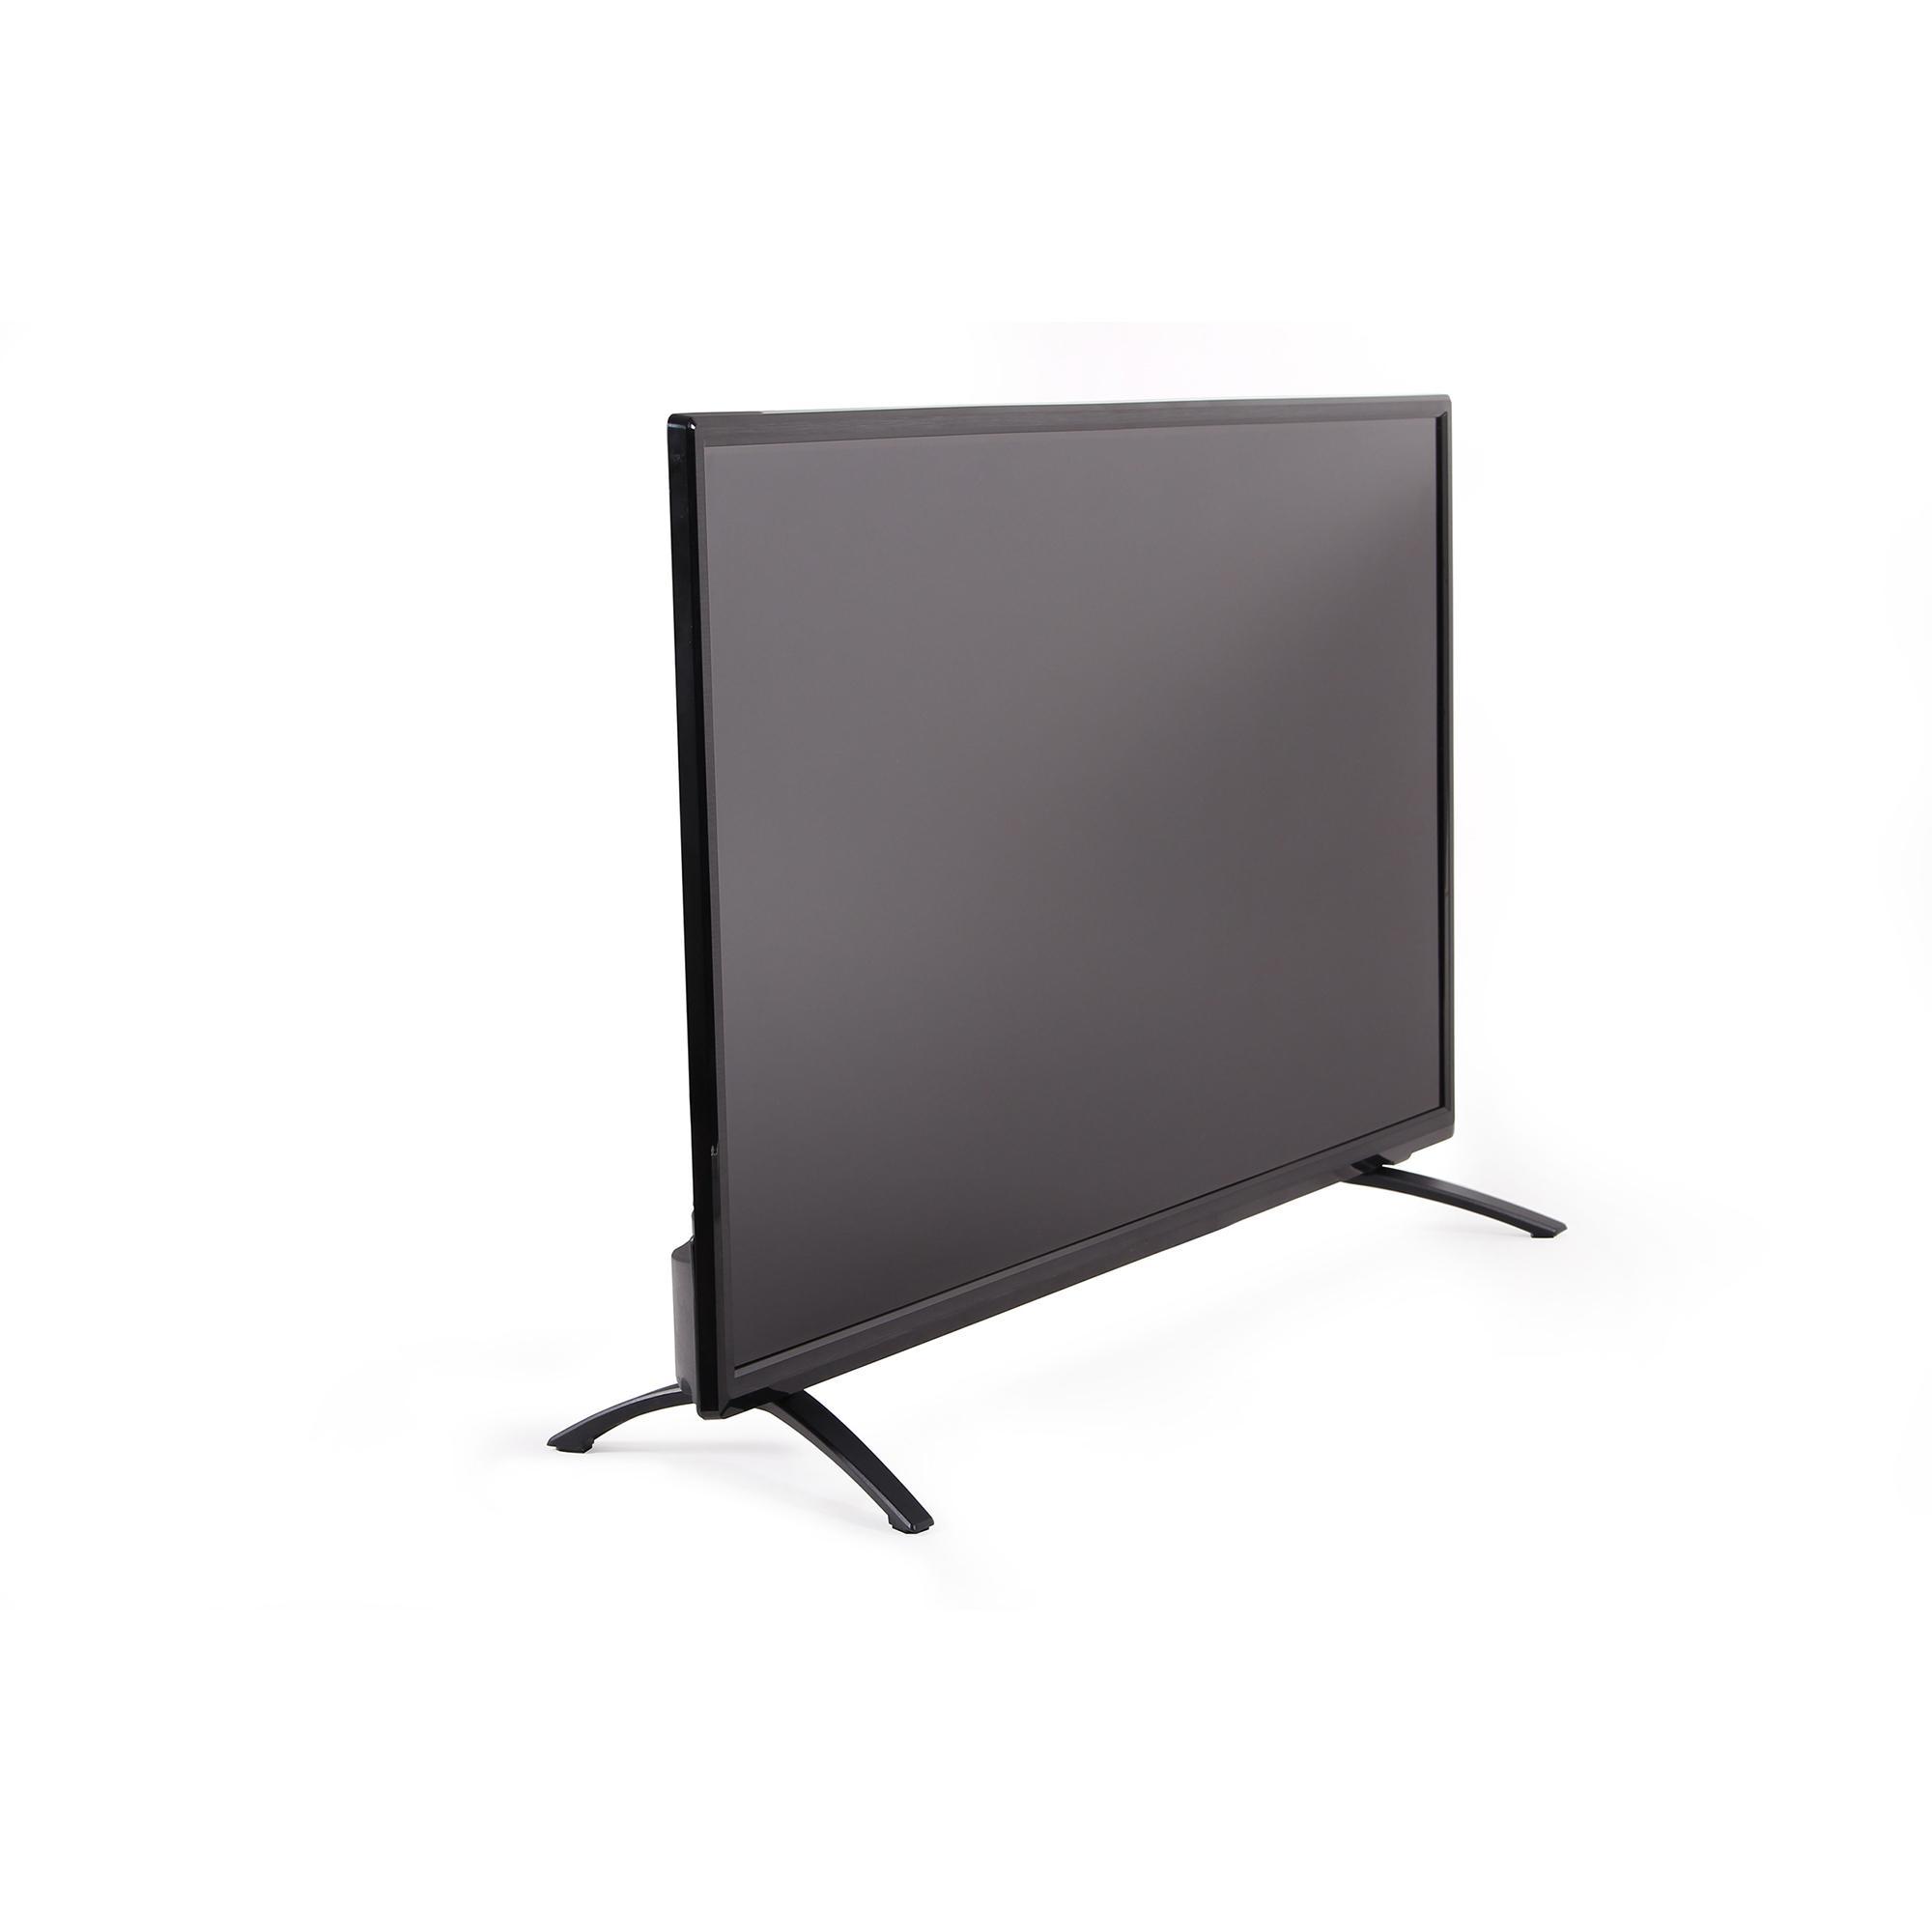 Fernseher Küche Klappbar Dvb T2 | Hisense H32n2100 Fernseher 80cm 32 ...